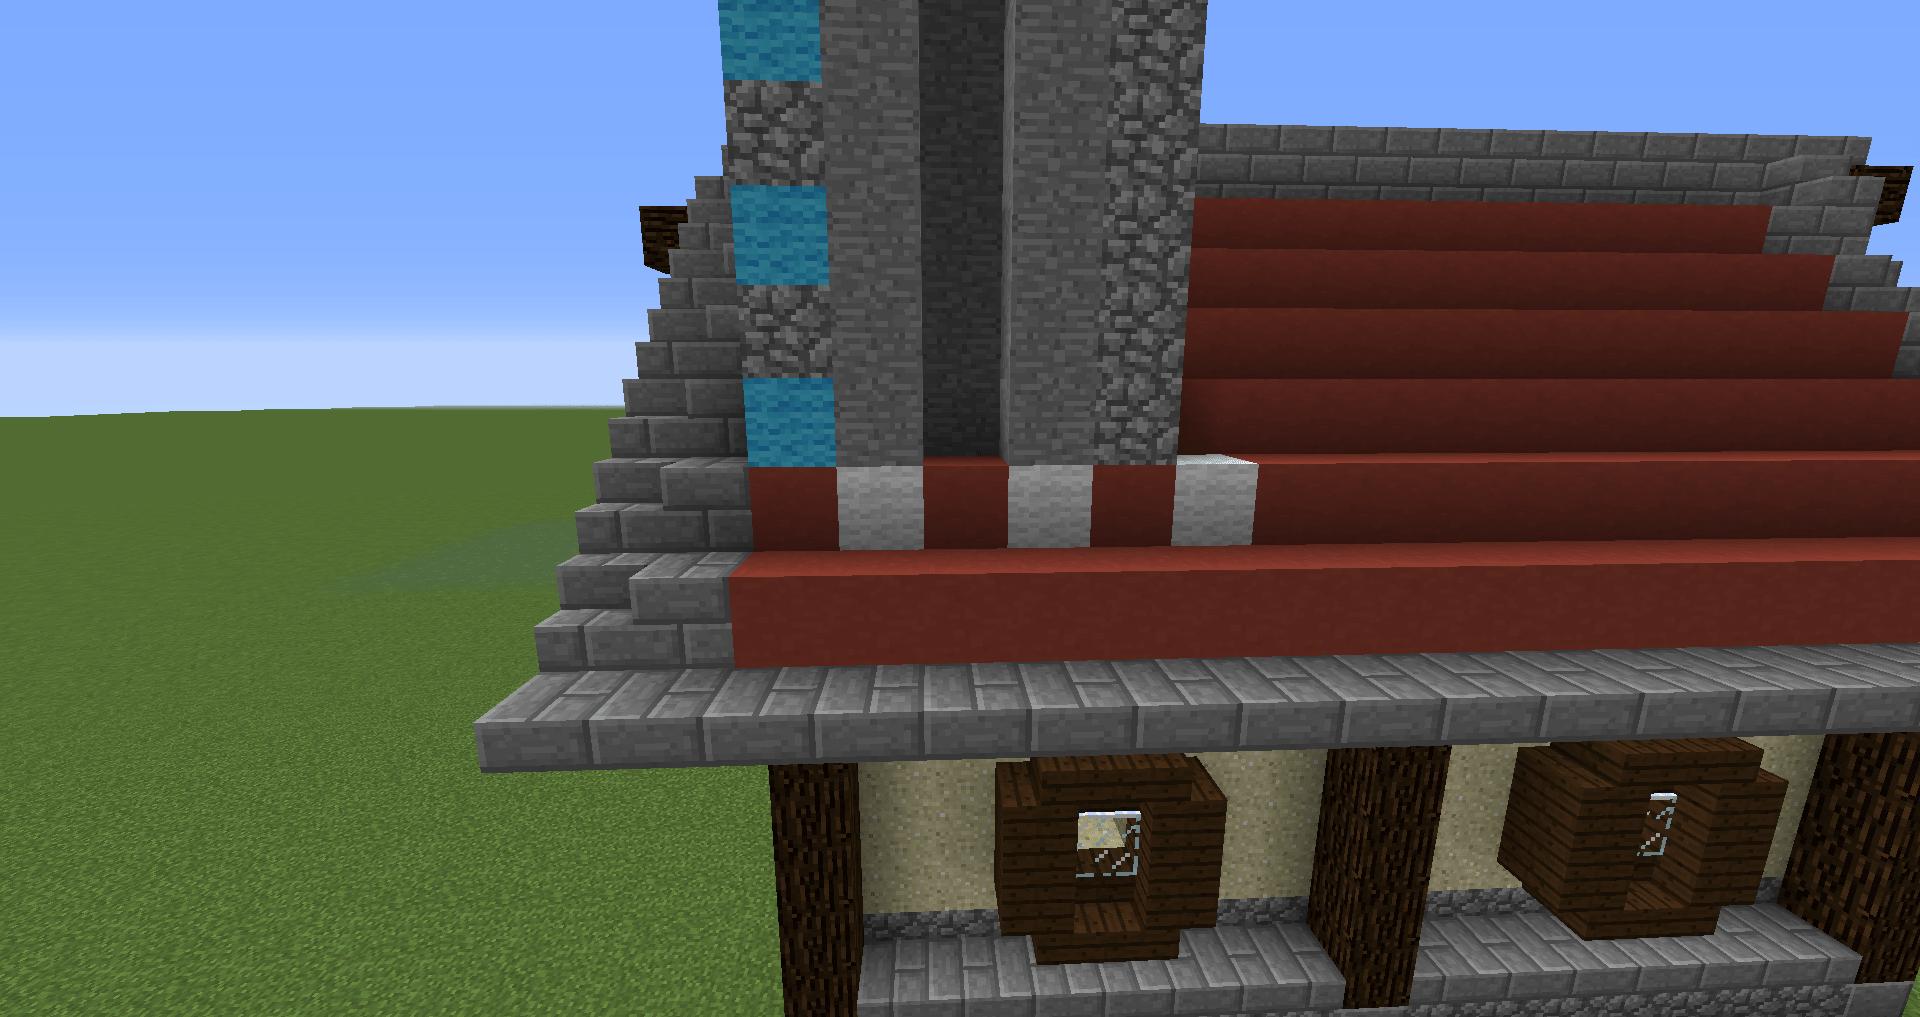 マインクラフト 風車小屋の作り方 簡単建築32